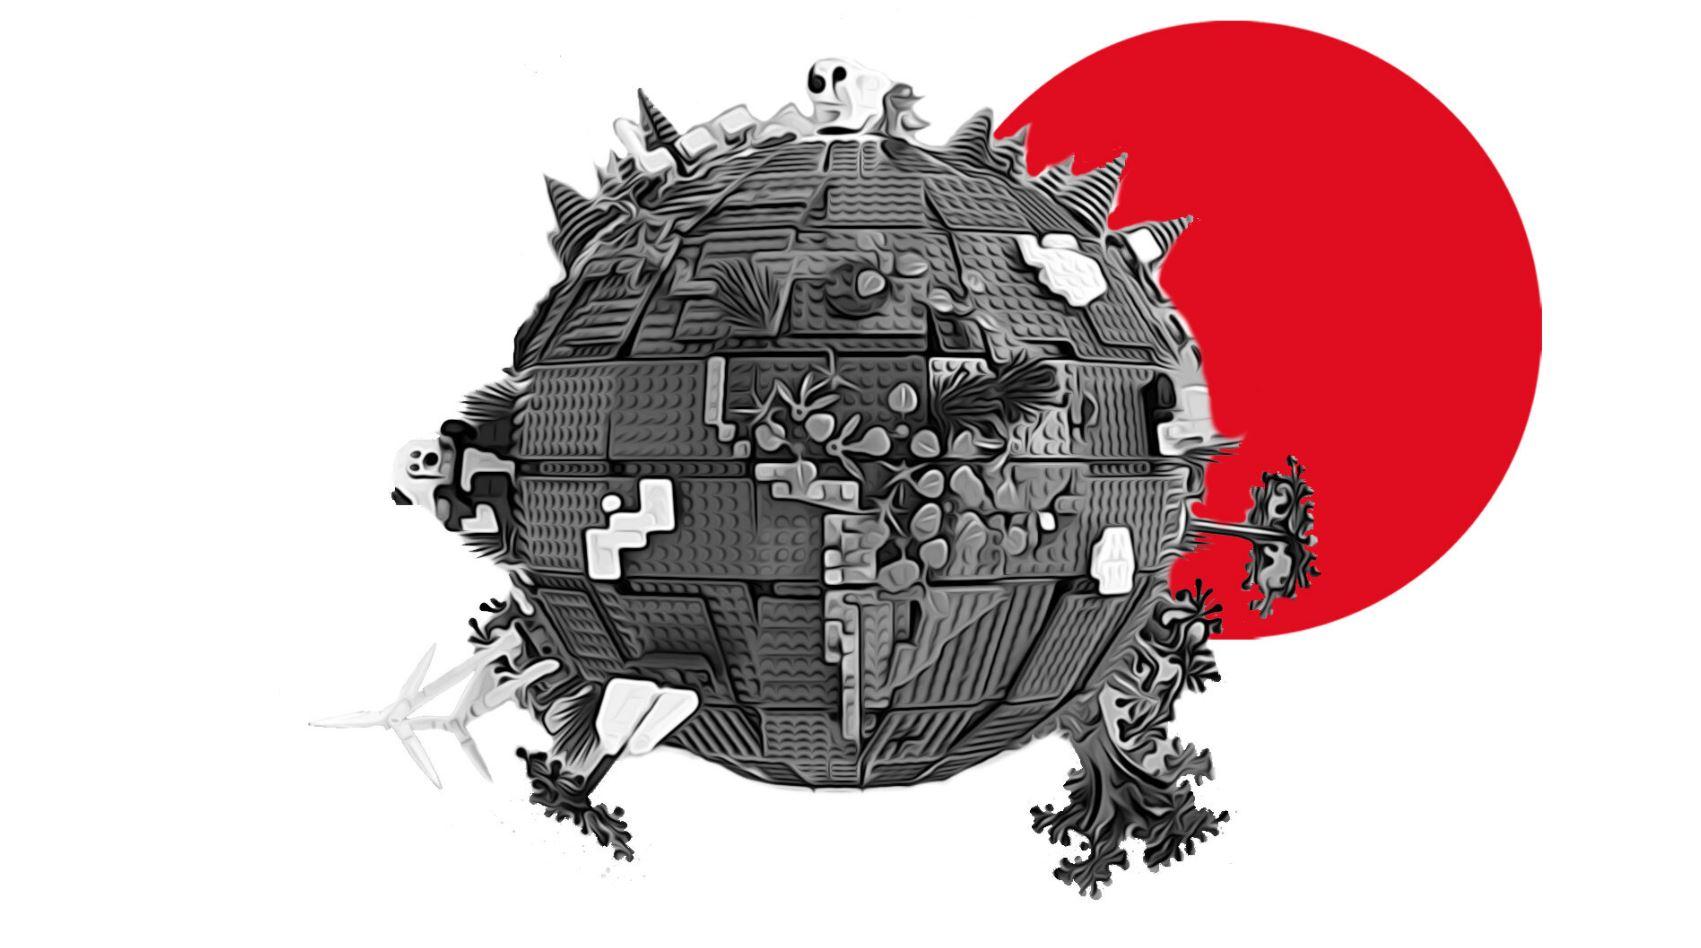 La svolta sostenibile dei brand verso un'economia sempre più circolare